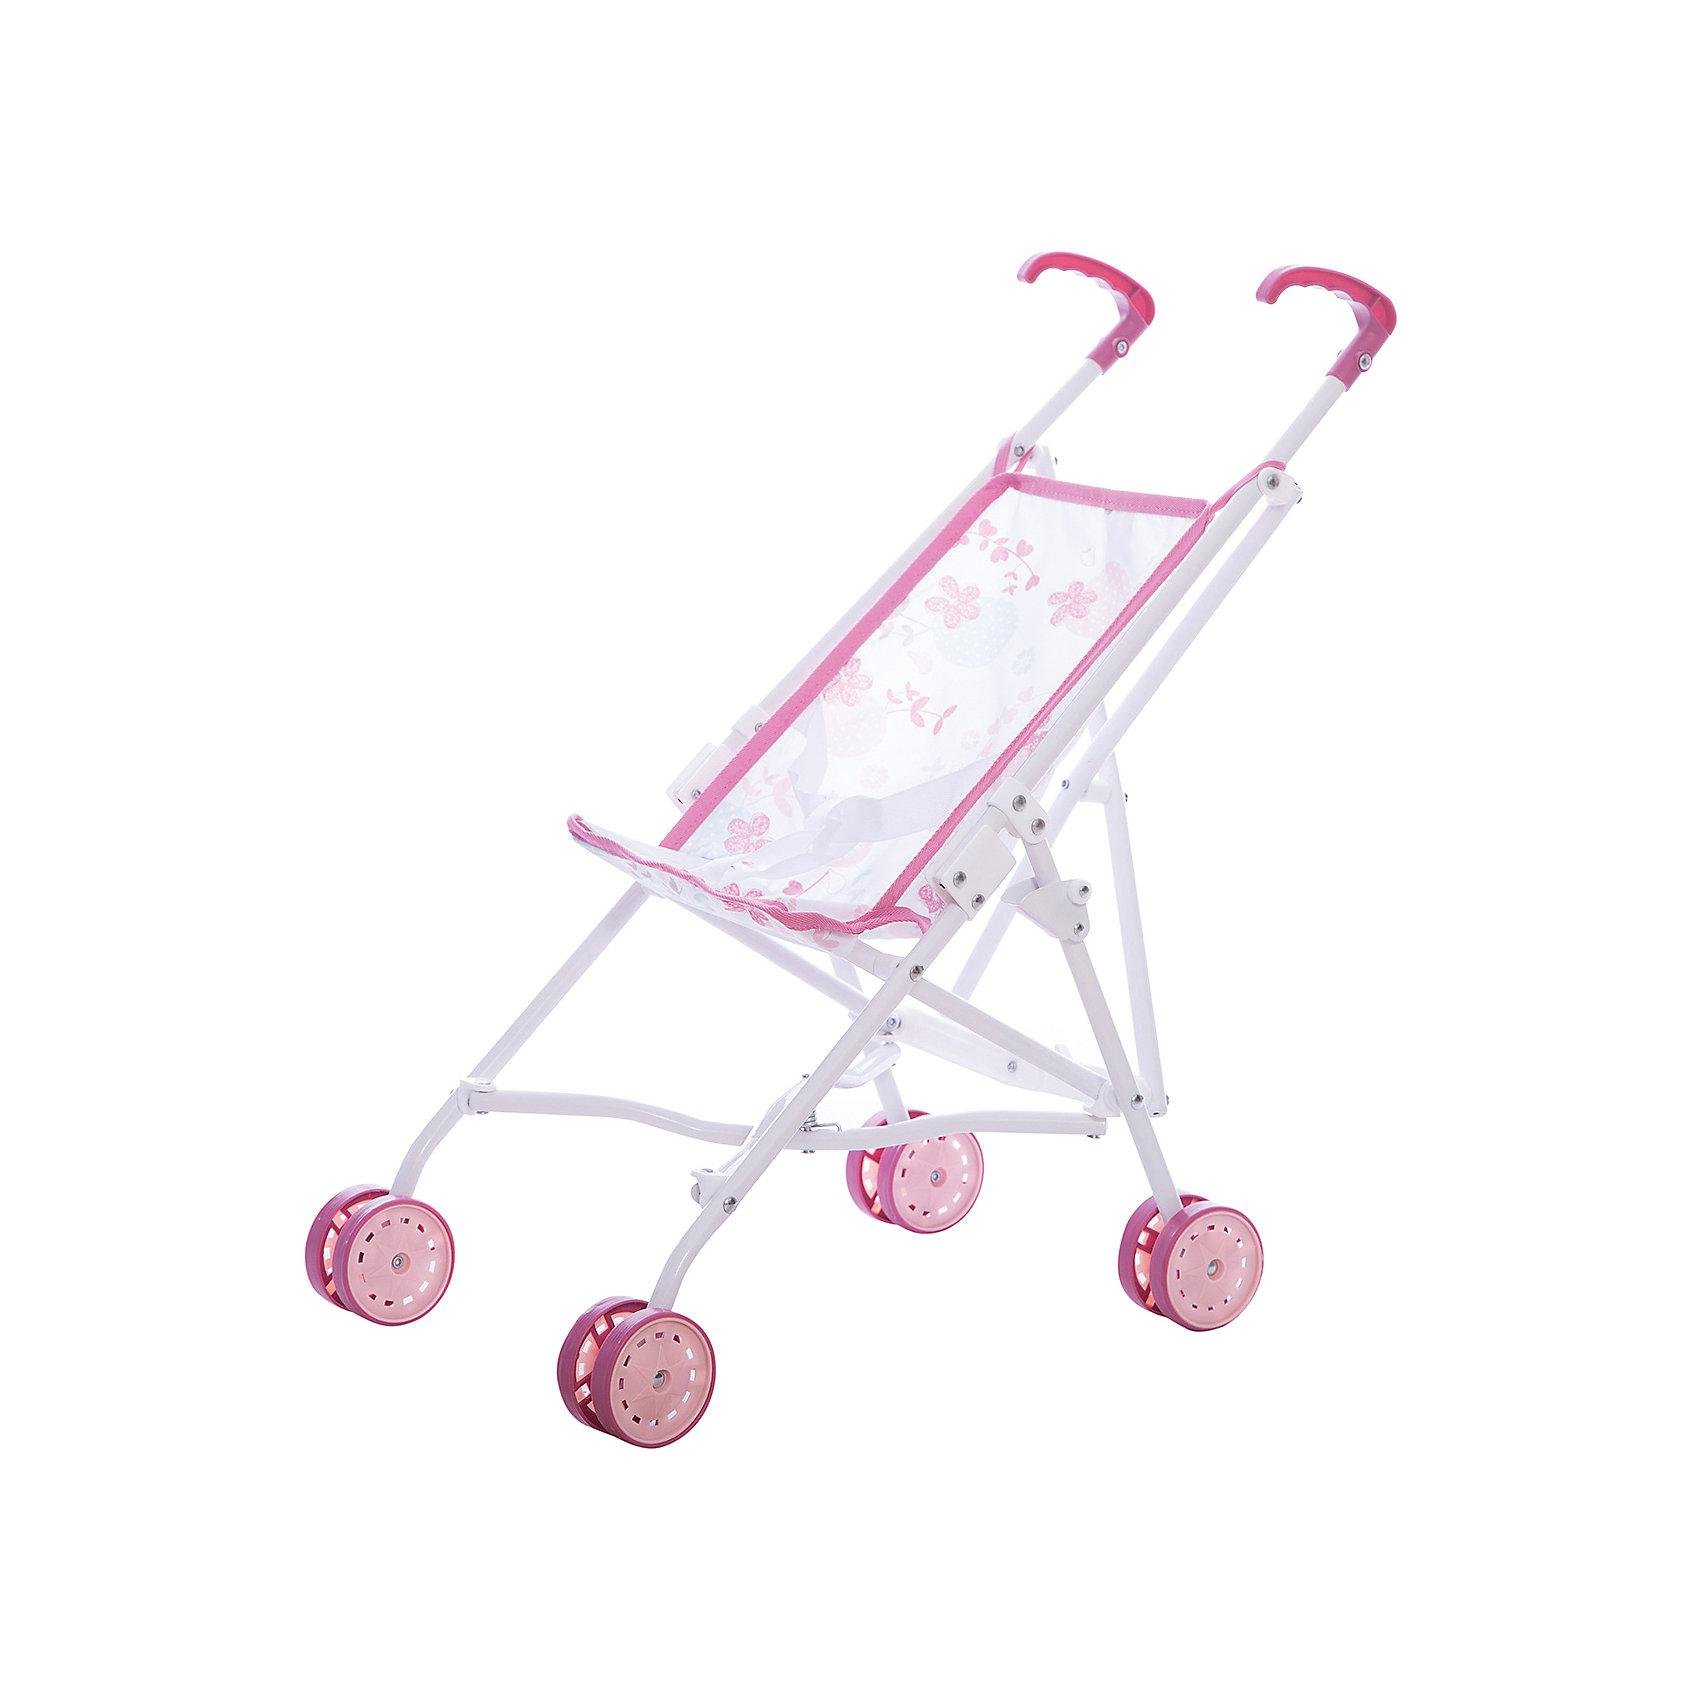 Прогулочная коляска Baby Nurse, SmobyКоляски и транспорт для кукол<br>Прогулочная коляска быстро складывается и не занимает много места. Легкая металлическая основа. Тканевые элементы снимаются и стираются. Высота ручек 45,5 см. Коляска предназначена для кукол до 42 см.<br><br>Ширина мм: 120<br>Глубина мм: 640<br>Высота мм: 100<br>Вес г: 930<br>Возраст от месяцев: 36<br>Возраст до месяцев: 84<br>Пол: Женский<br>Возраст: Детский<br>SKU: 5524071